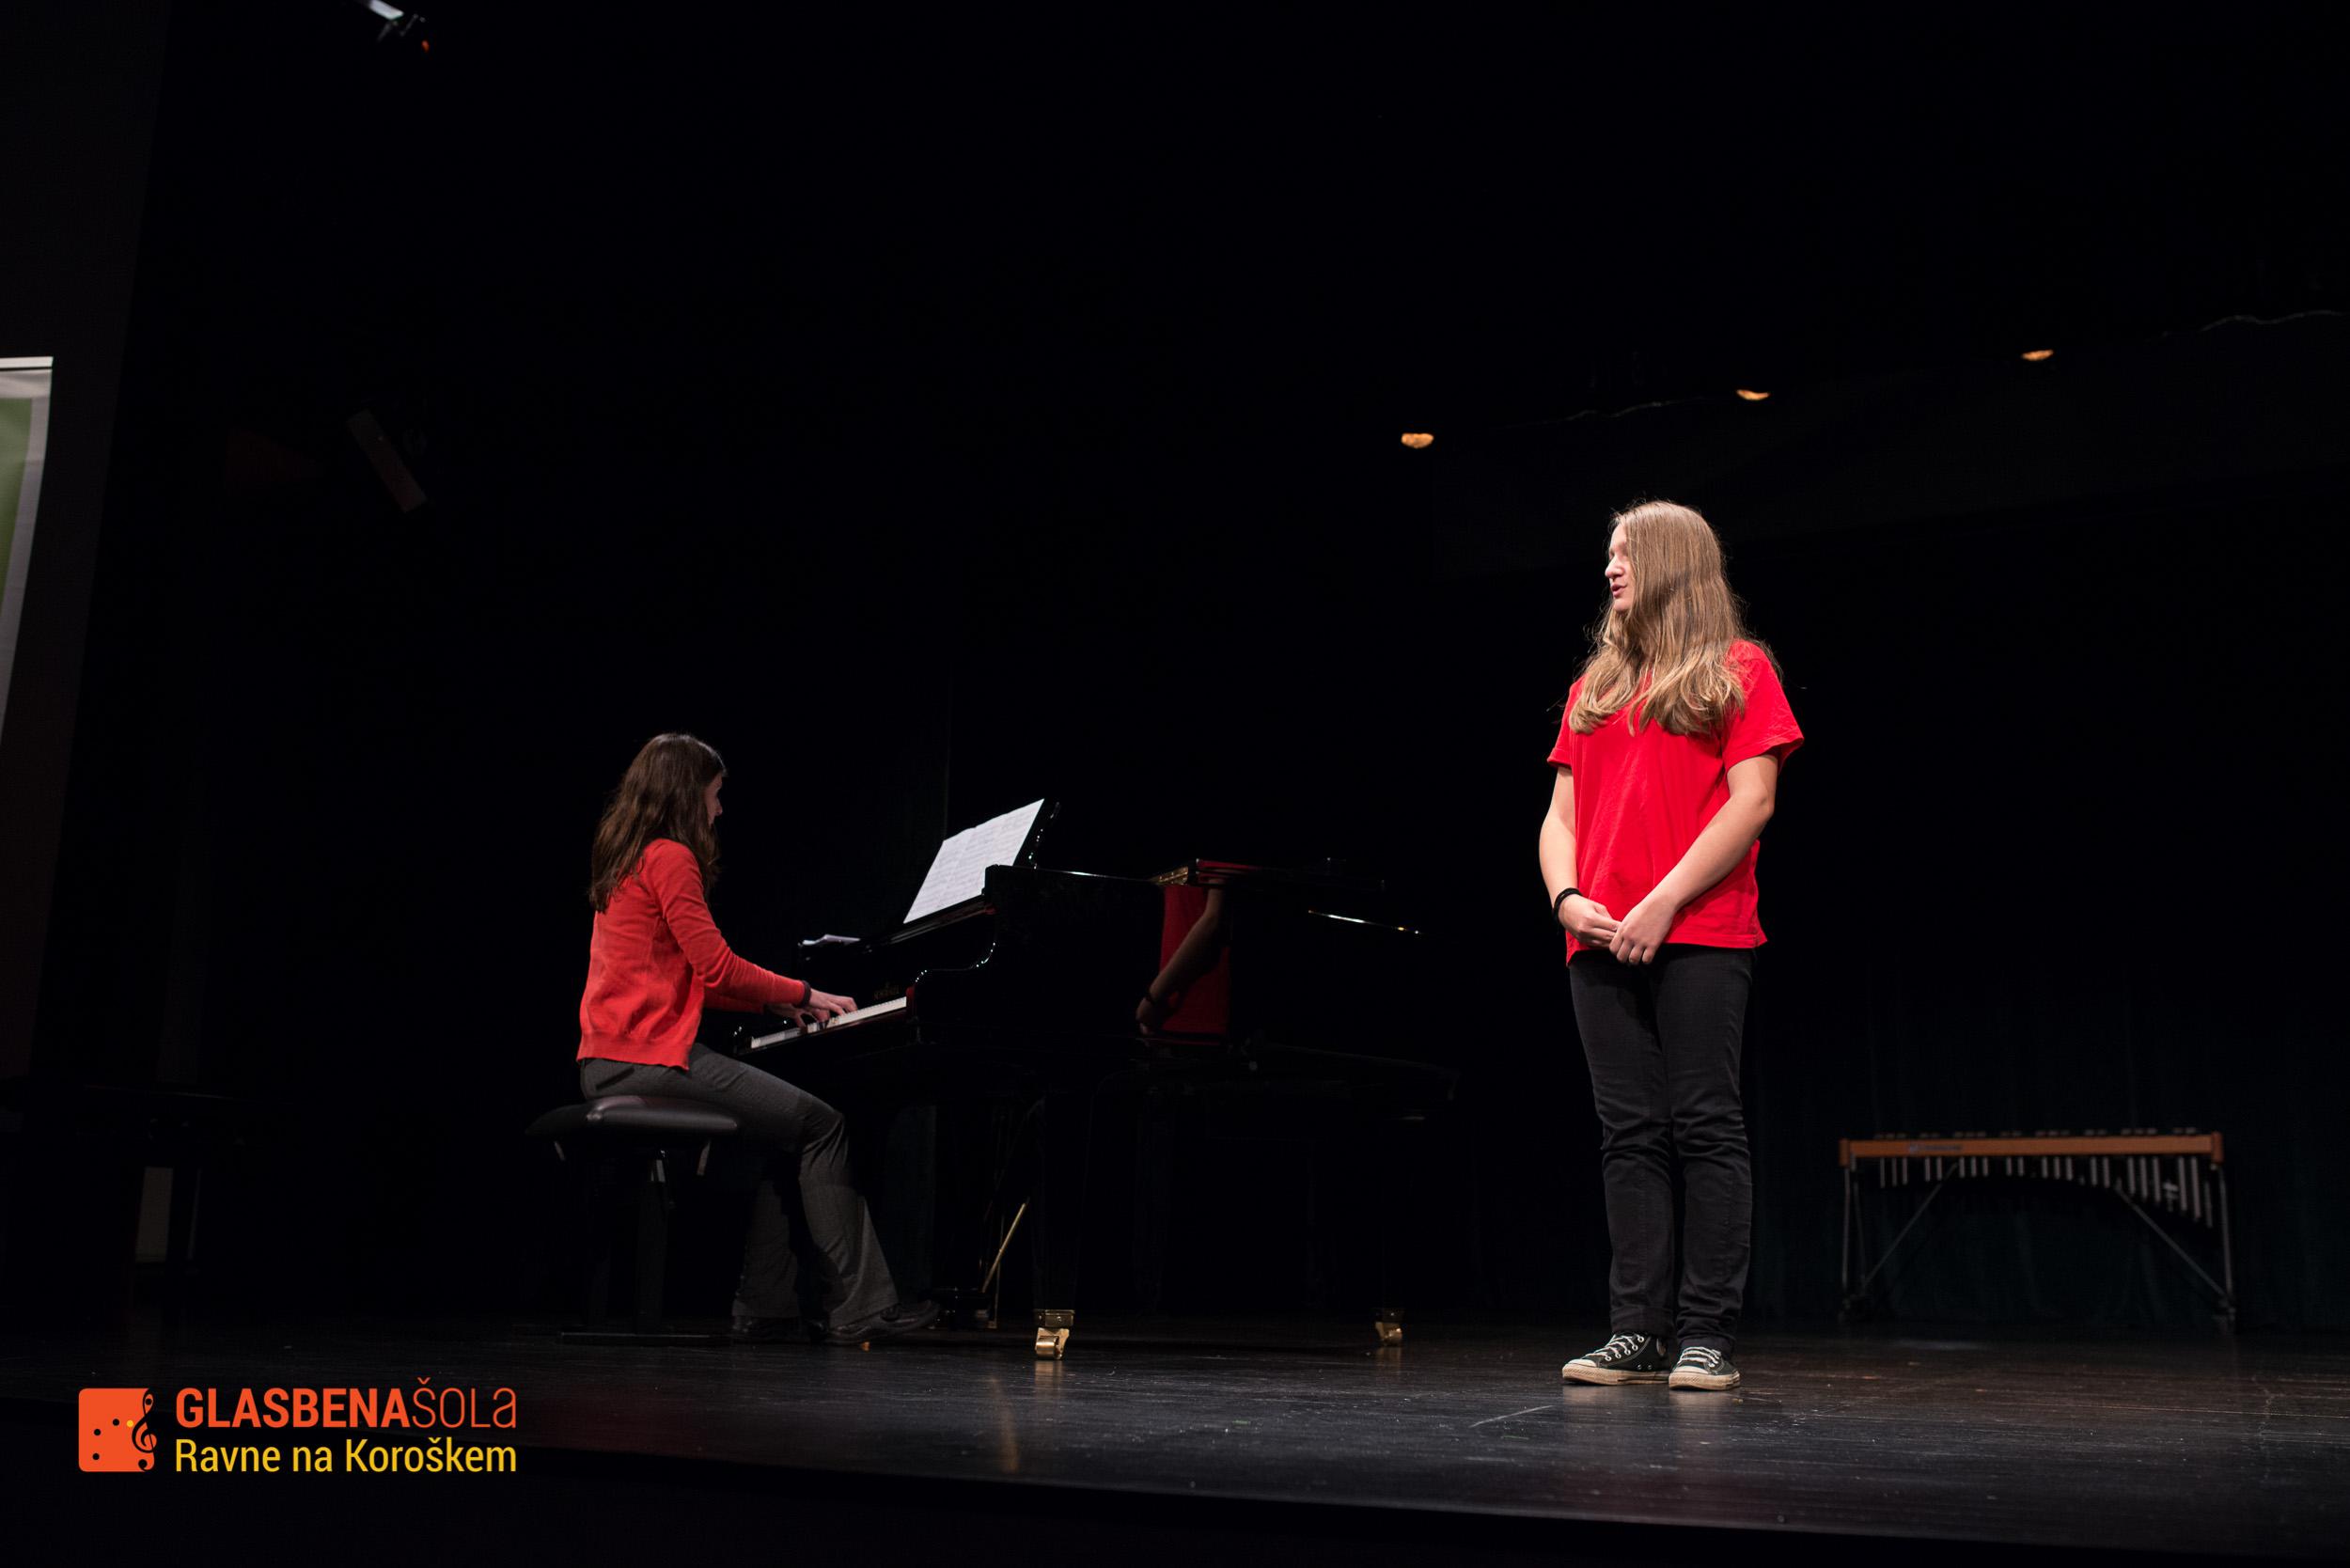 koncert-08-11-2014-25